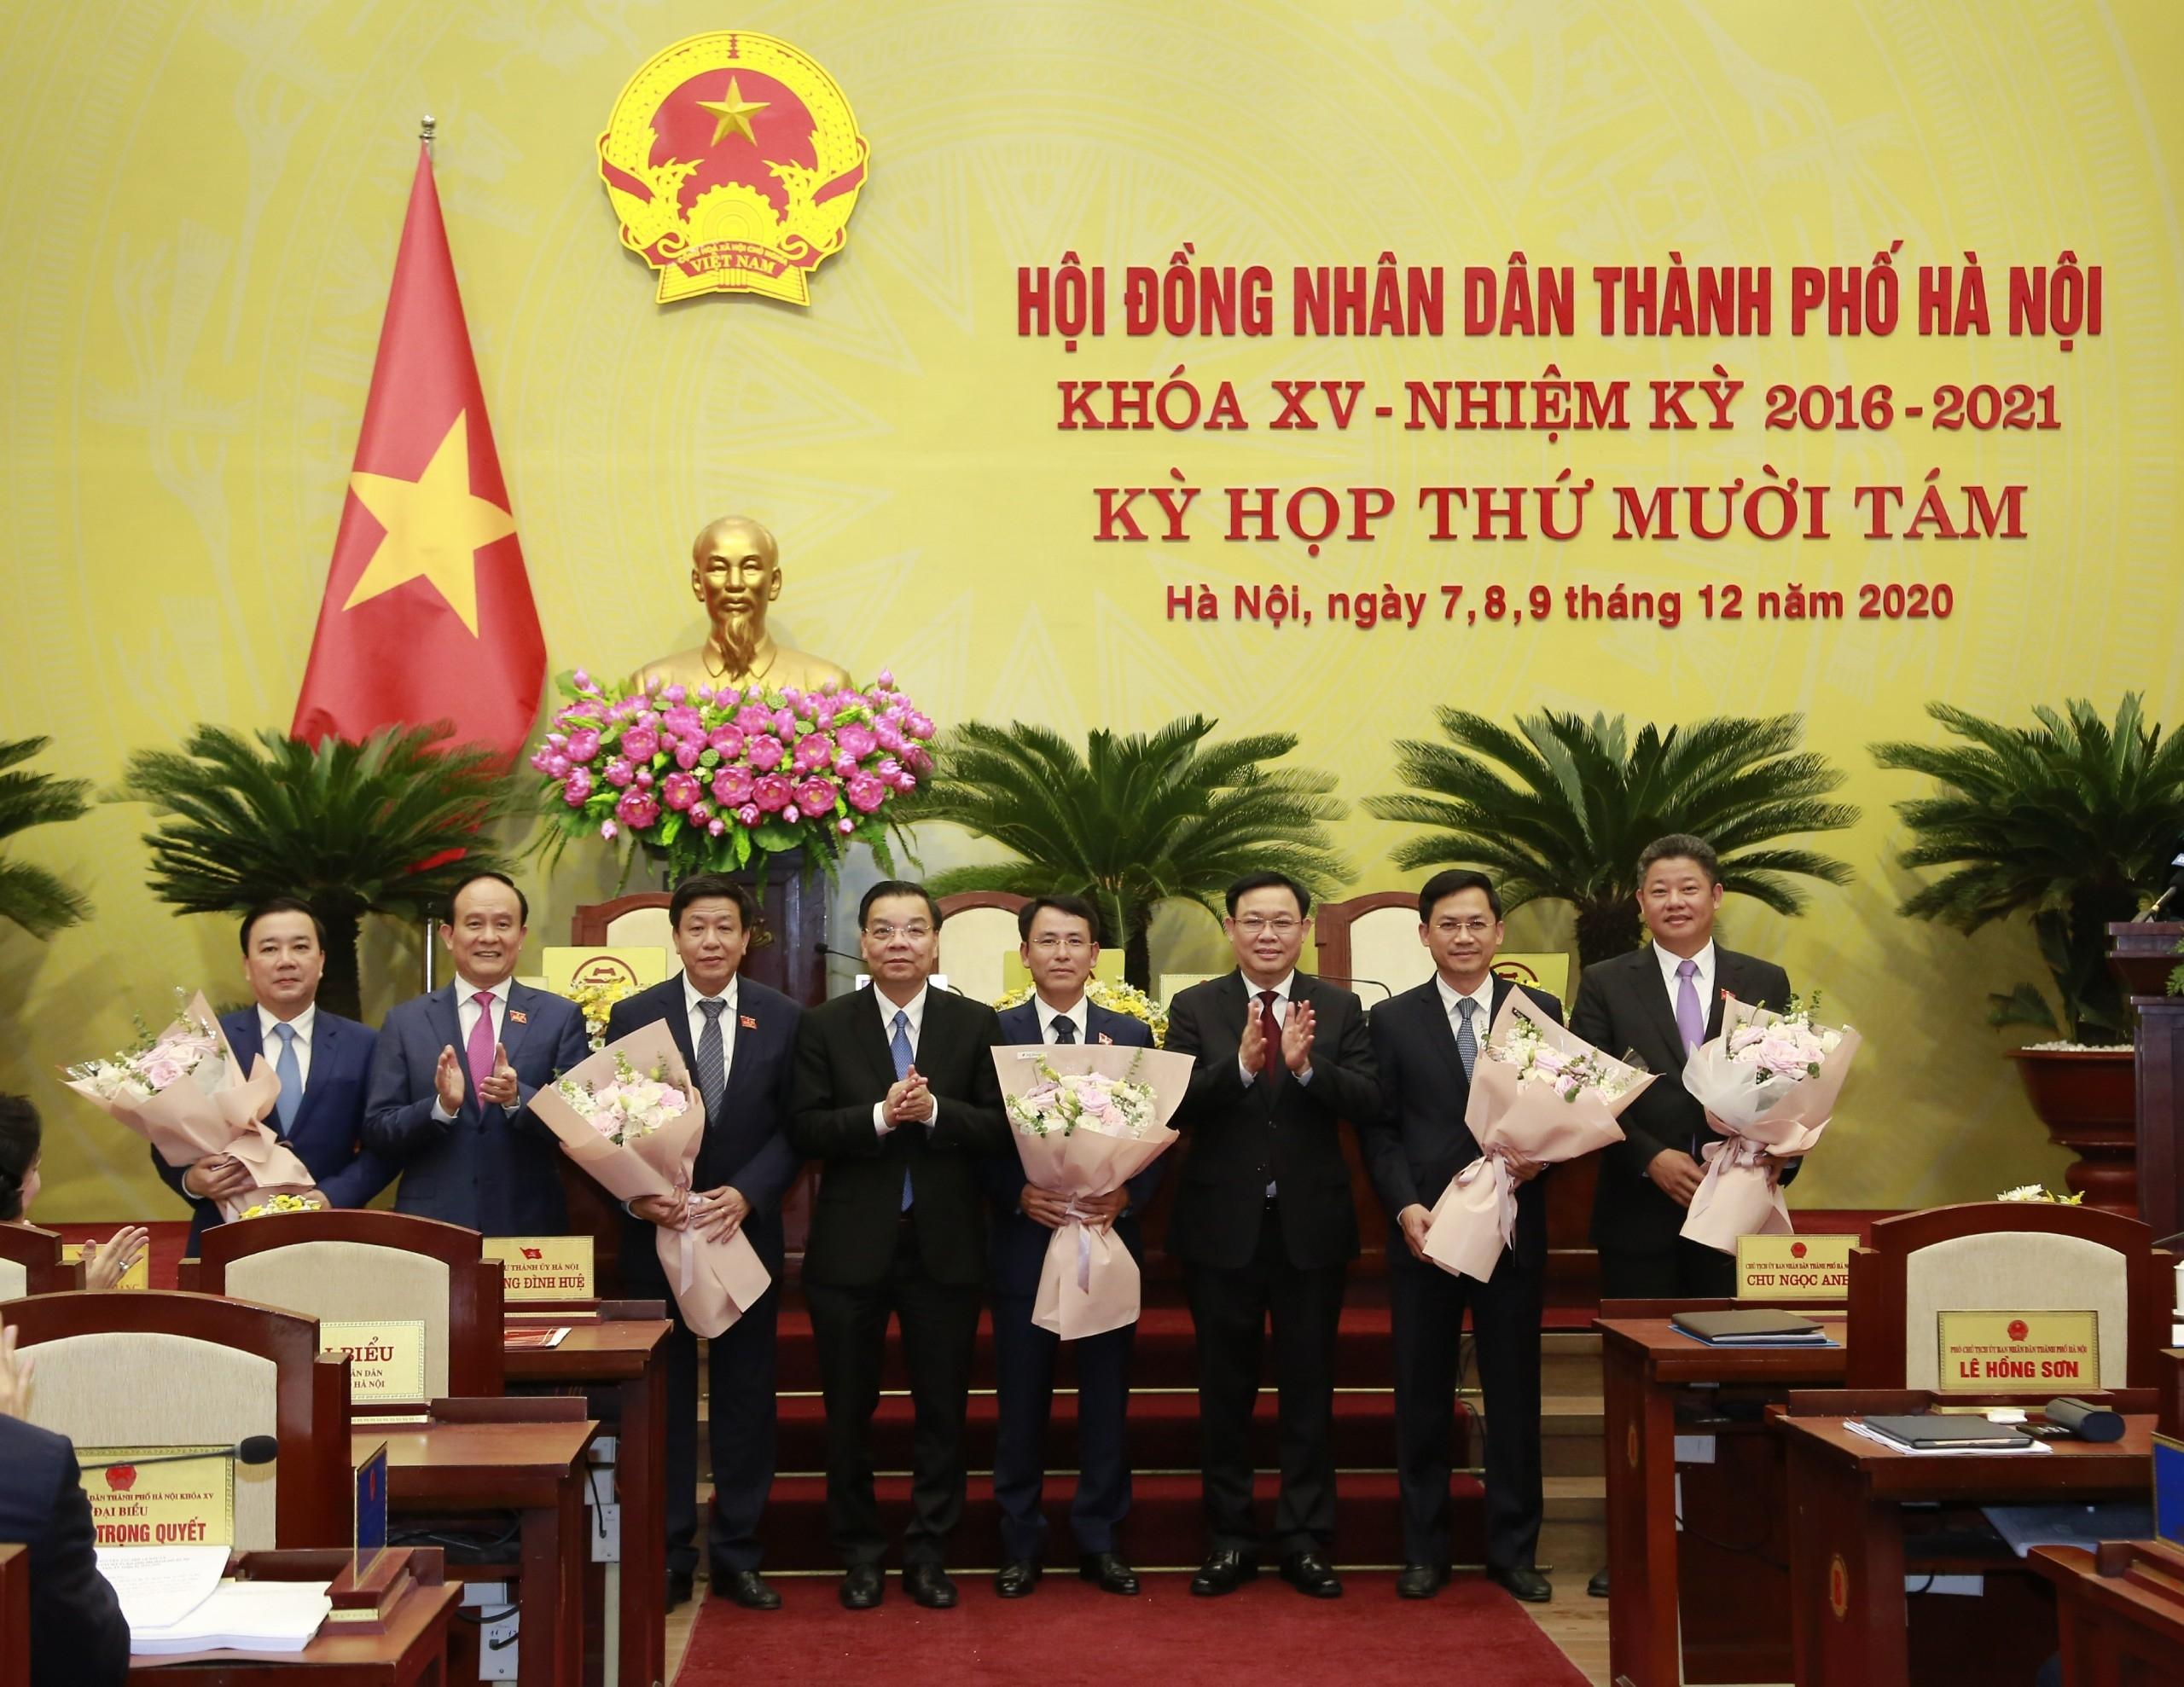 Hà Nội có 5 tân Phó Chủ tịch Ủy ban nhân dân Thành phố